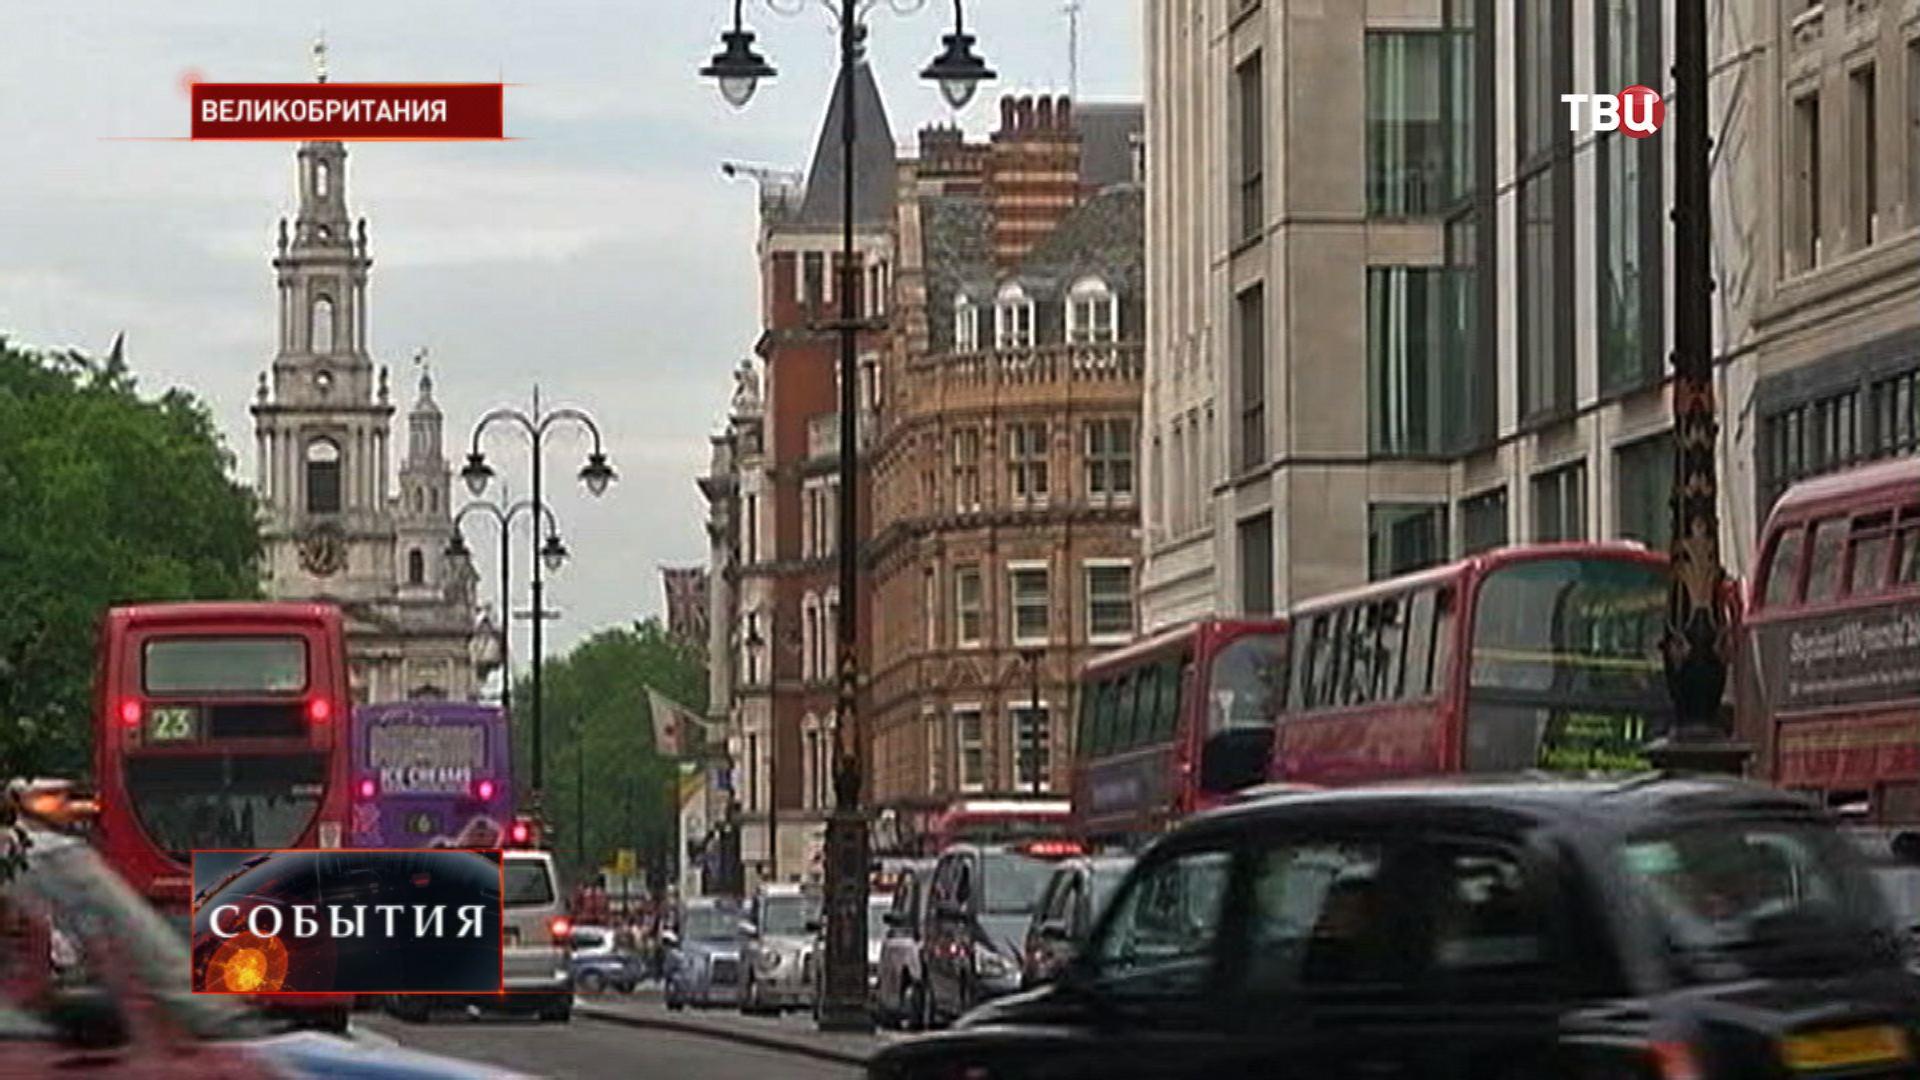 Улицы Великобритании